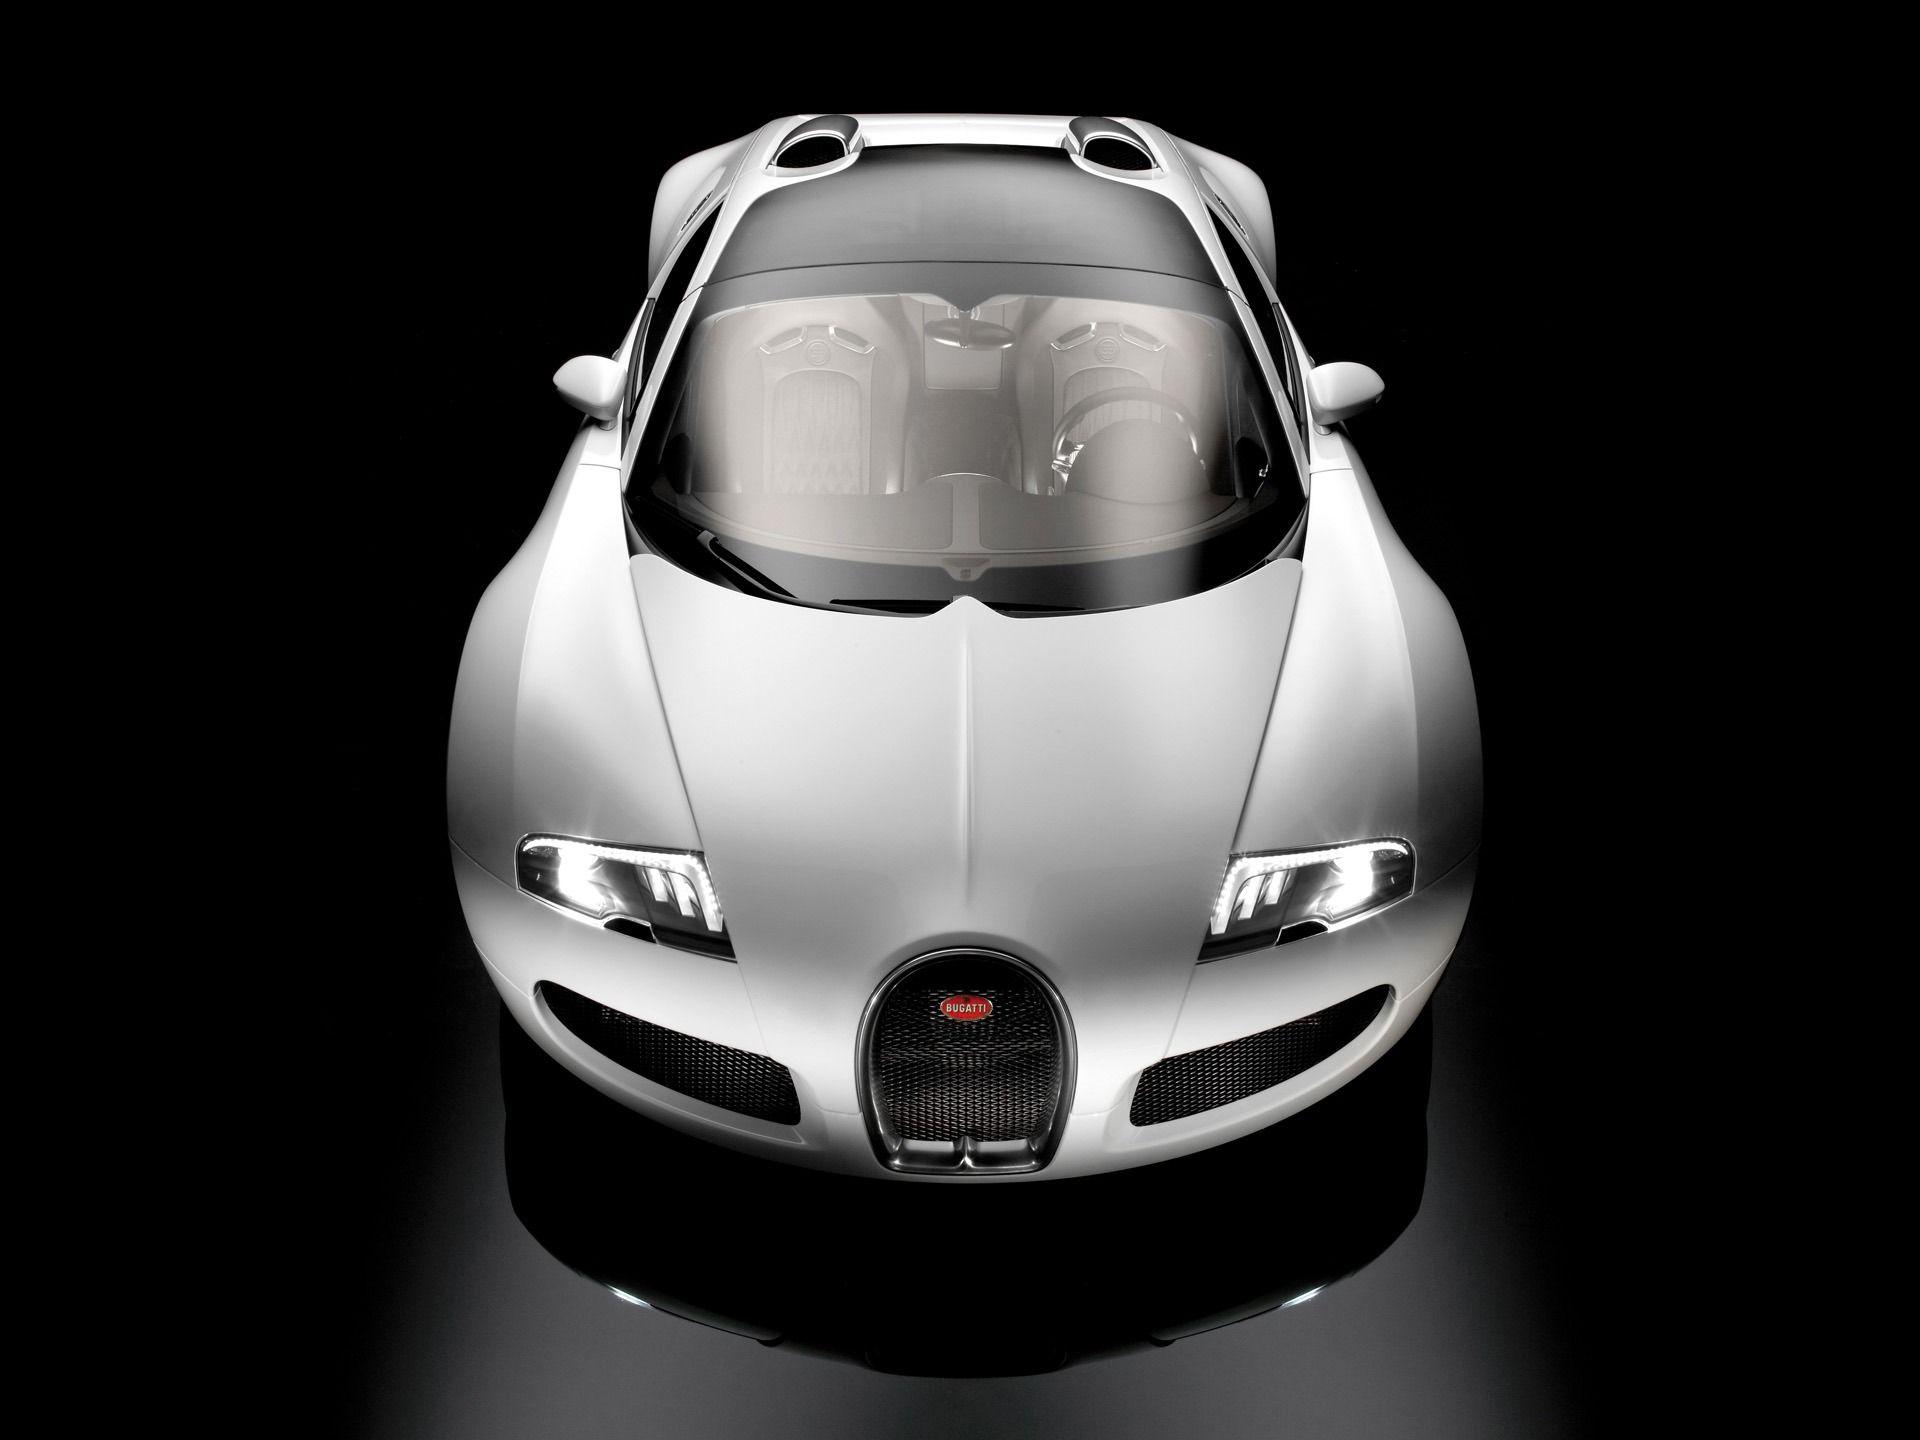 2b1a77e4f89dd003ed5c0954d39881db Cozy Bugatti Veyron Rembrandt Edition Price Cars Trend